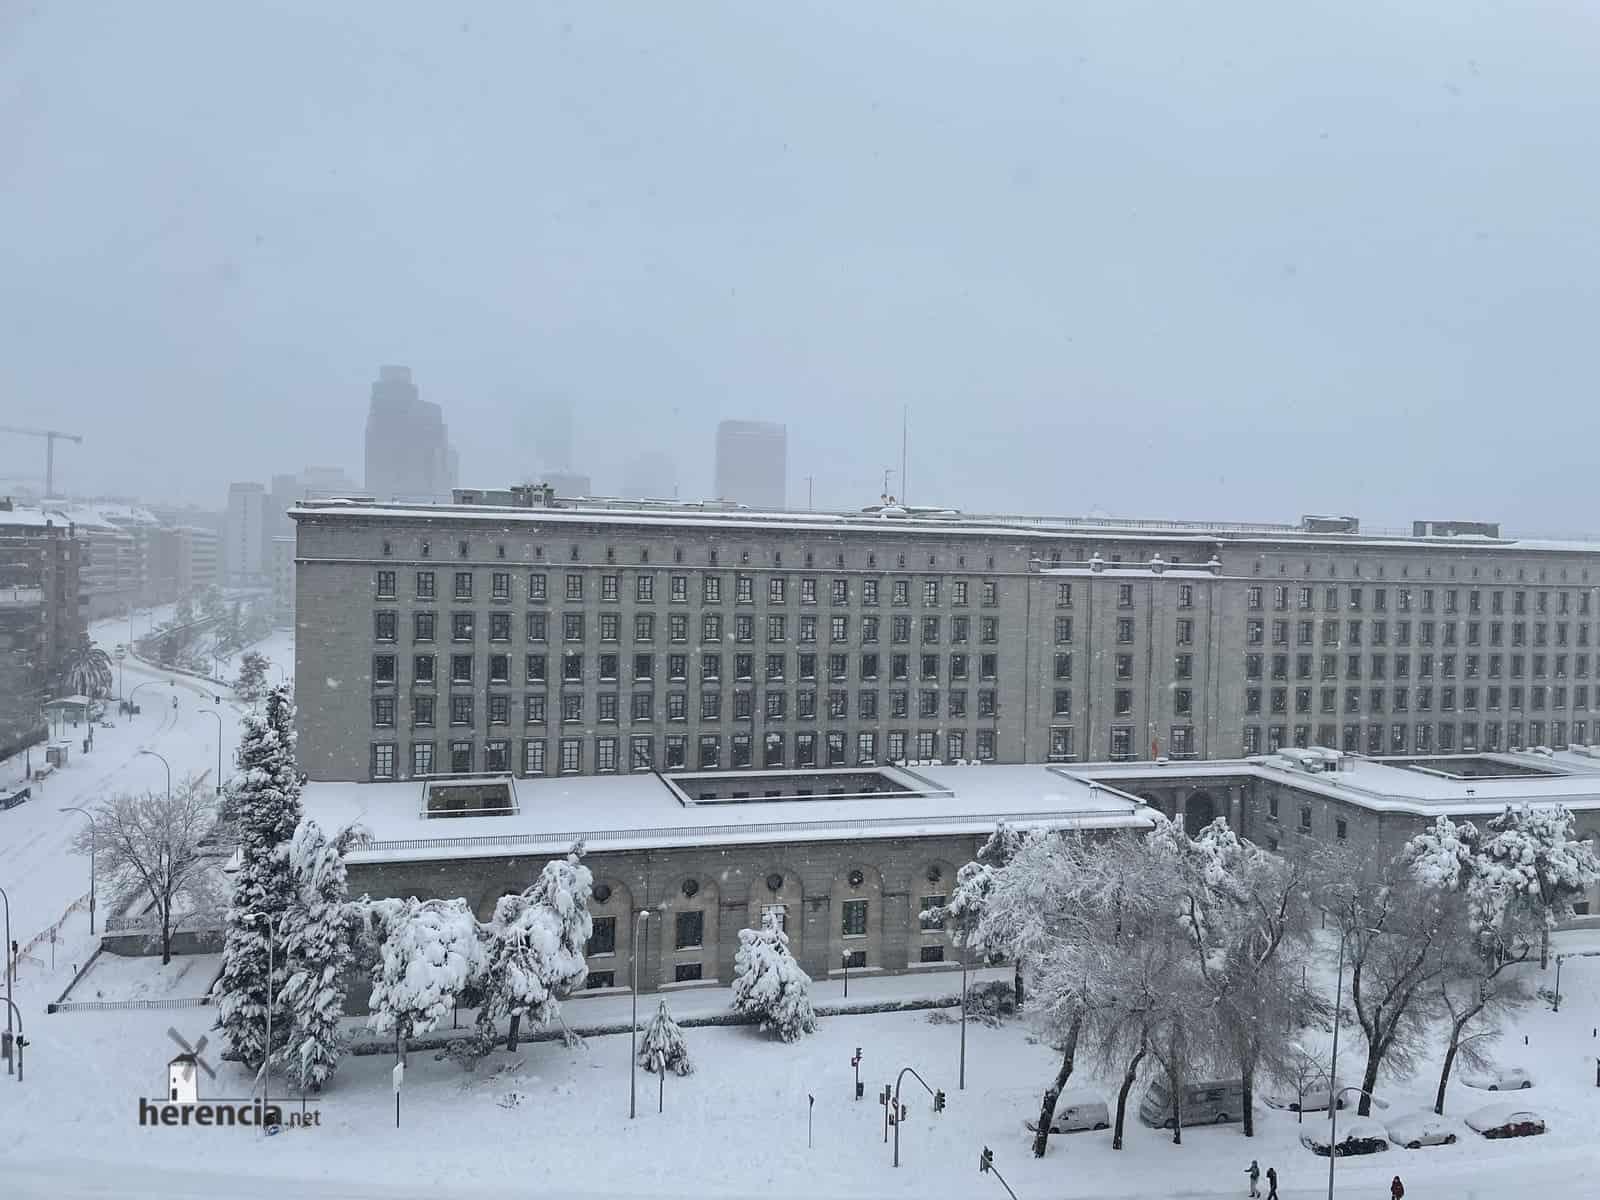 Fotografías de la nevada de enero en Madrid (España) 200